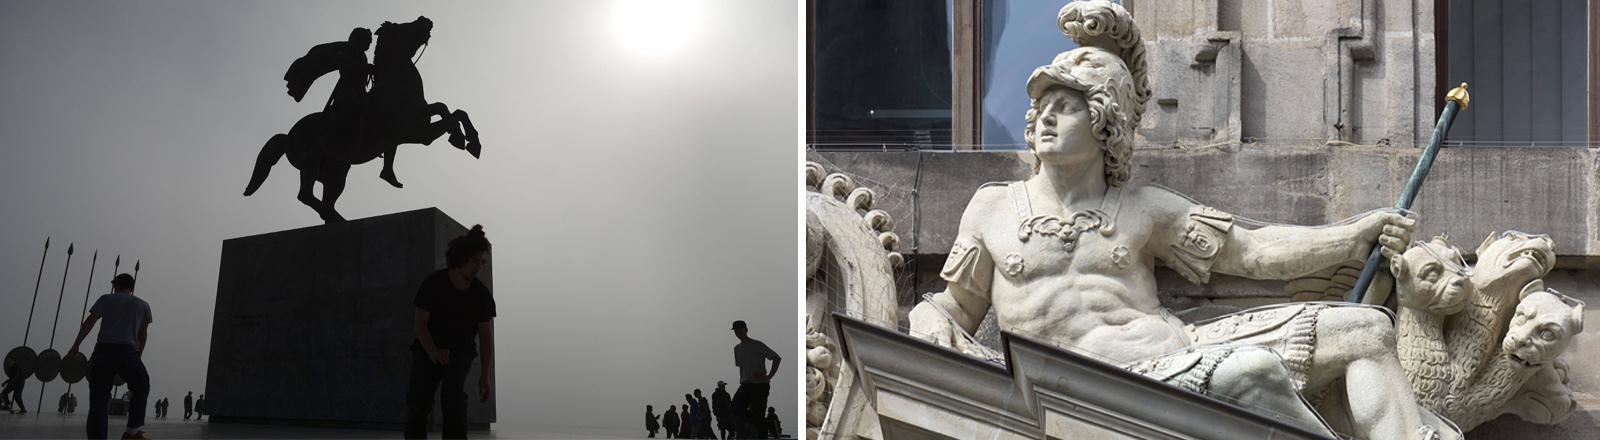 Silhoutte von Menschen und Skatebordern an der Alexander der Große Statue in schwerem Nebel an der Küste der Stadt Thessaloniki // Skulptur Alexander des Großen mit geflügelten Panthern, Altes Rathaus von 1616, Nürnberg